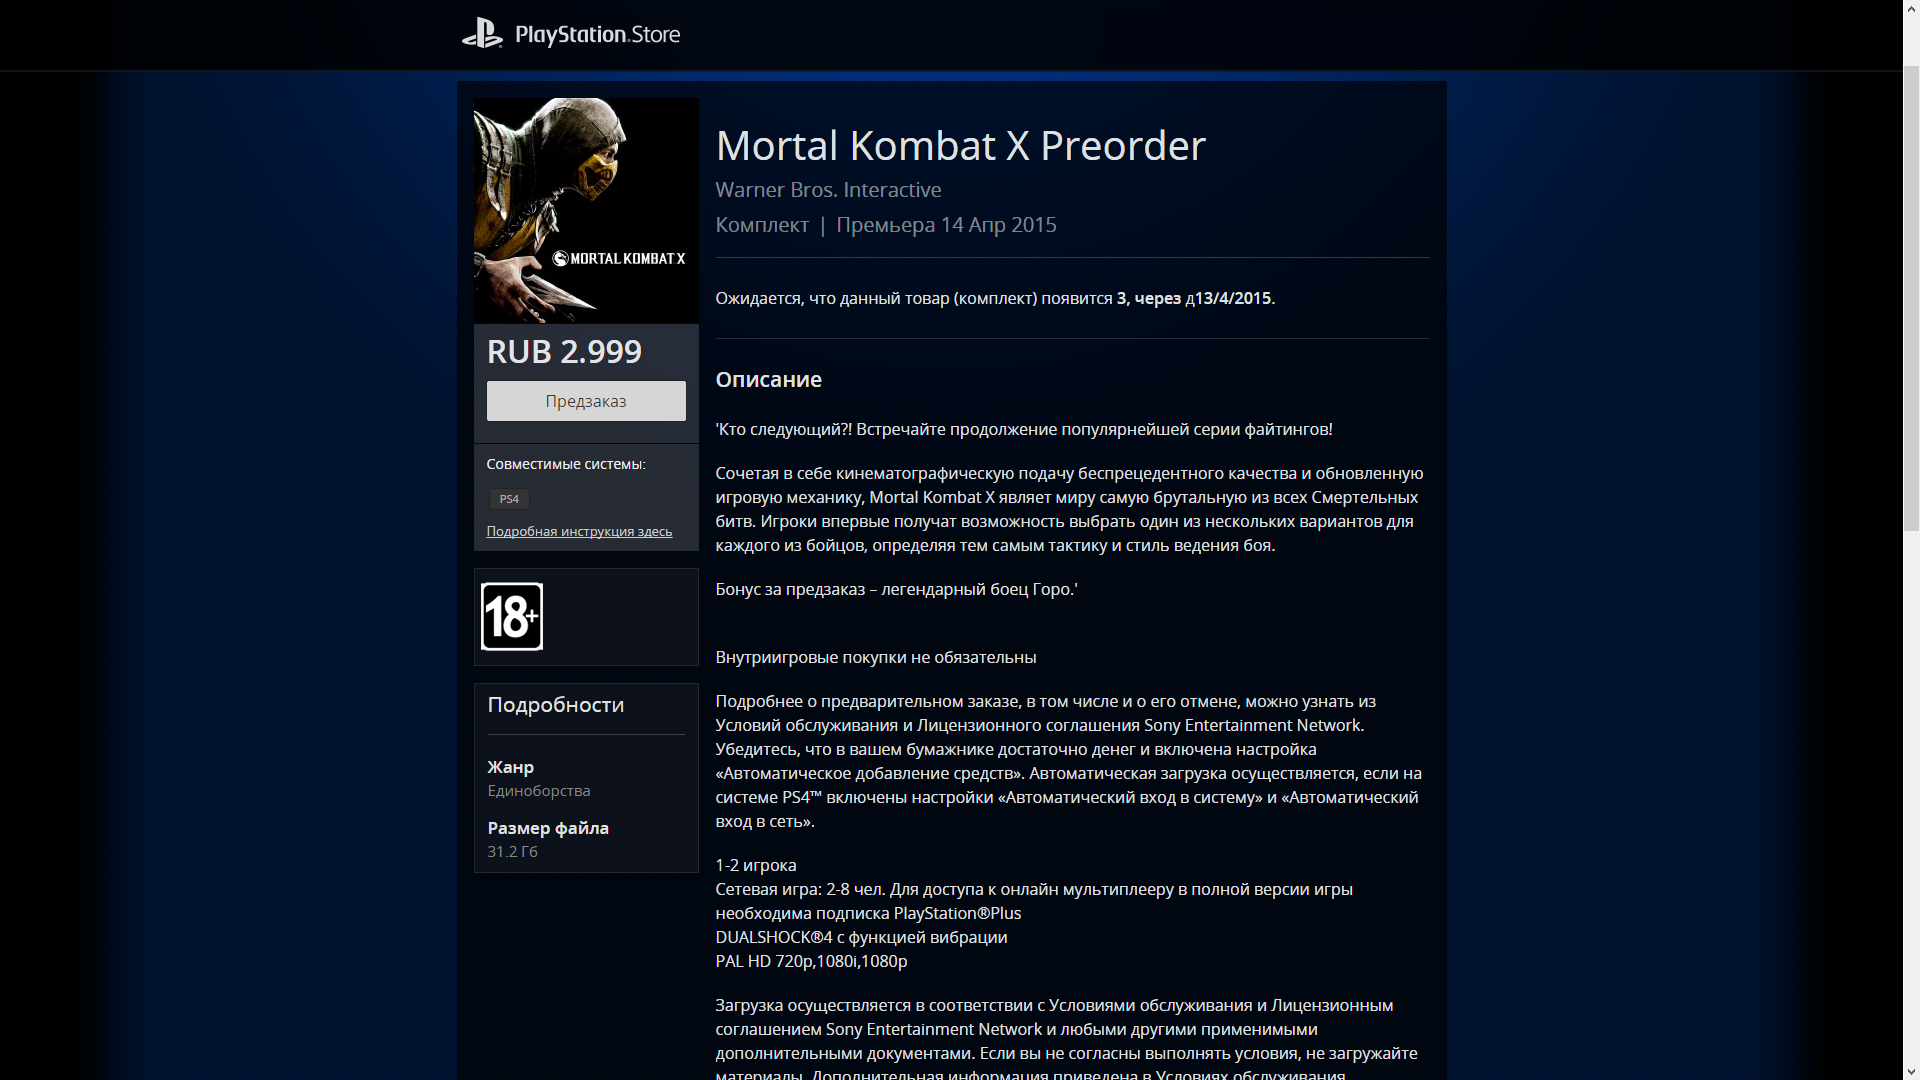 Стоимость предзаказа на Mortal Kombat X в PS Store упала до 2999 рублей. - Изображение 1